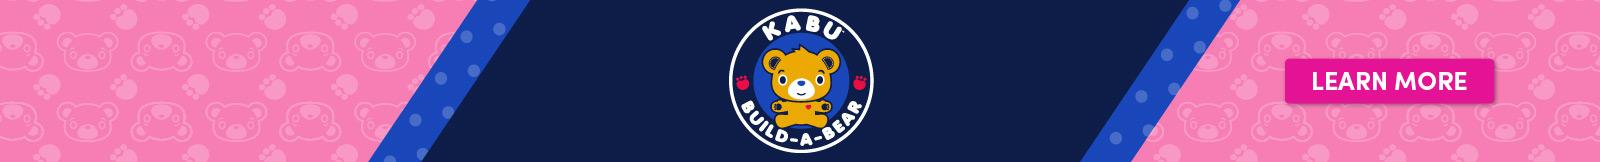 Kabu Plush Banner